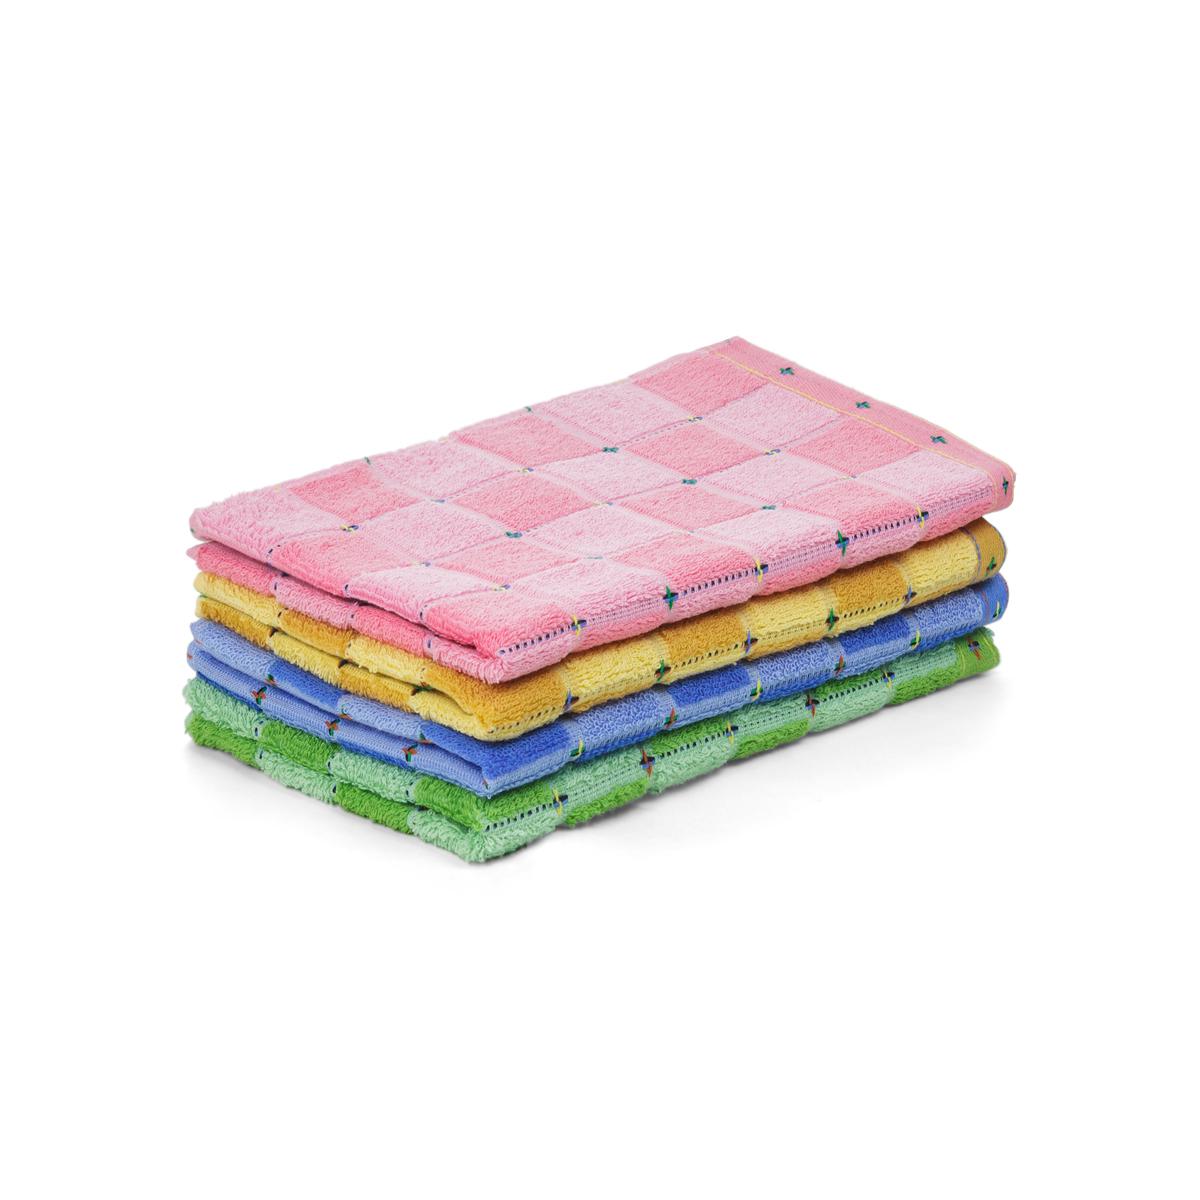 Полотенце Клетка Желтый р. 34х78Махровые полотенца<br><br><br>Тип: Полотенце<br>Размер: 34х78<br>Материал: Махра